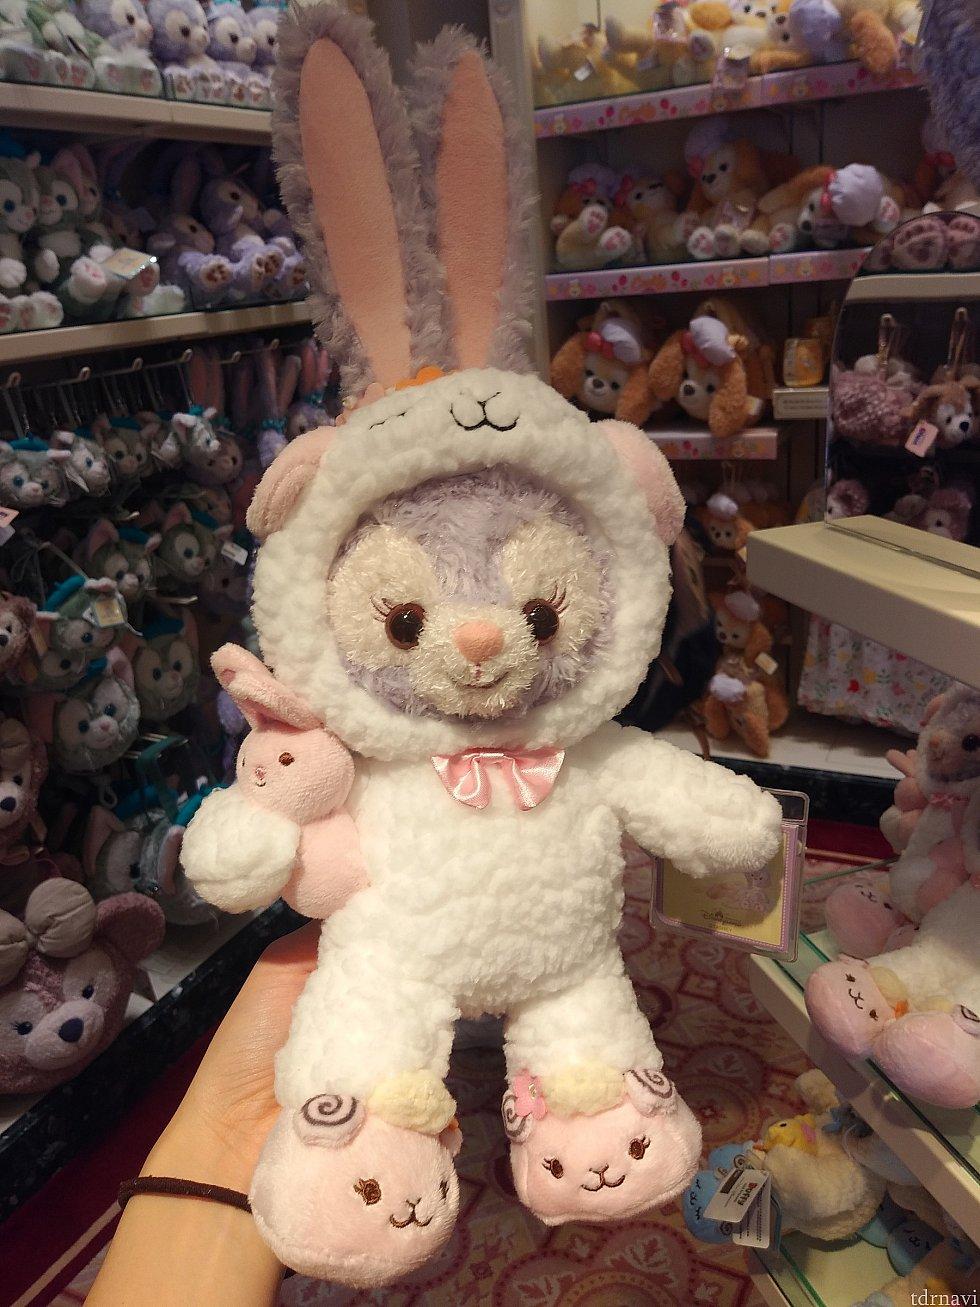 ルーちゃんも羊を着てます!ウサギ着てるように見えますが🤣ルーちゃんが特にかわいかったです❤️